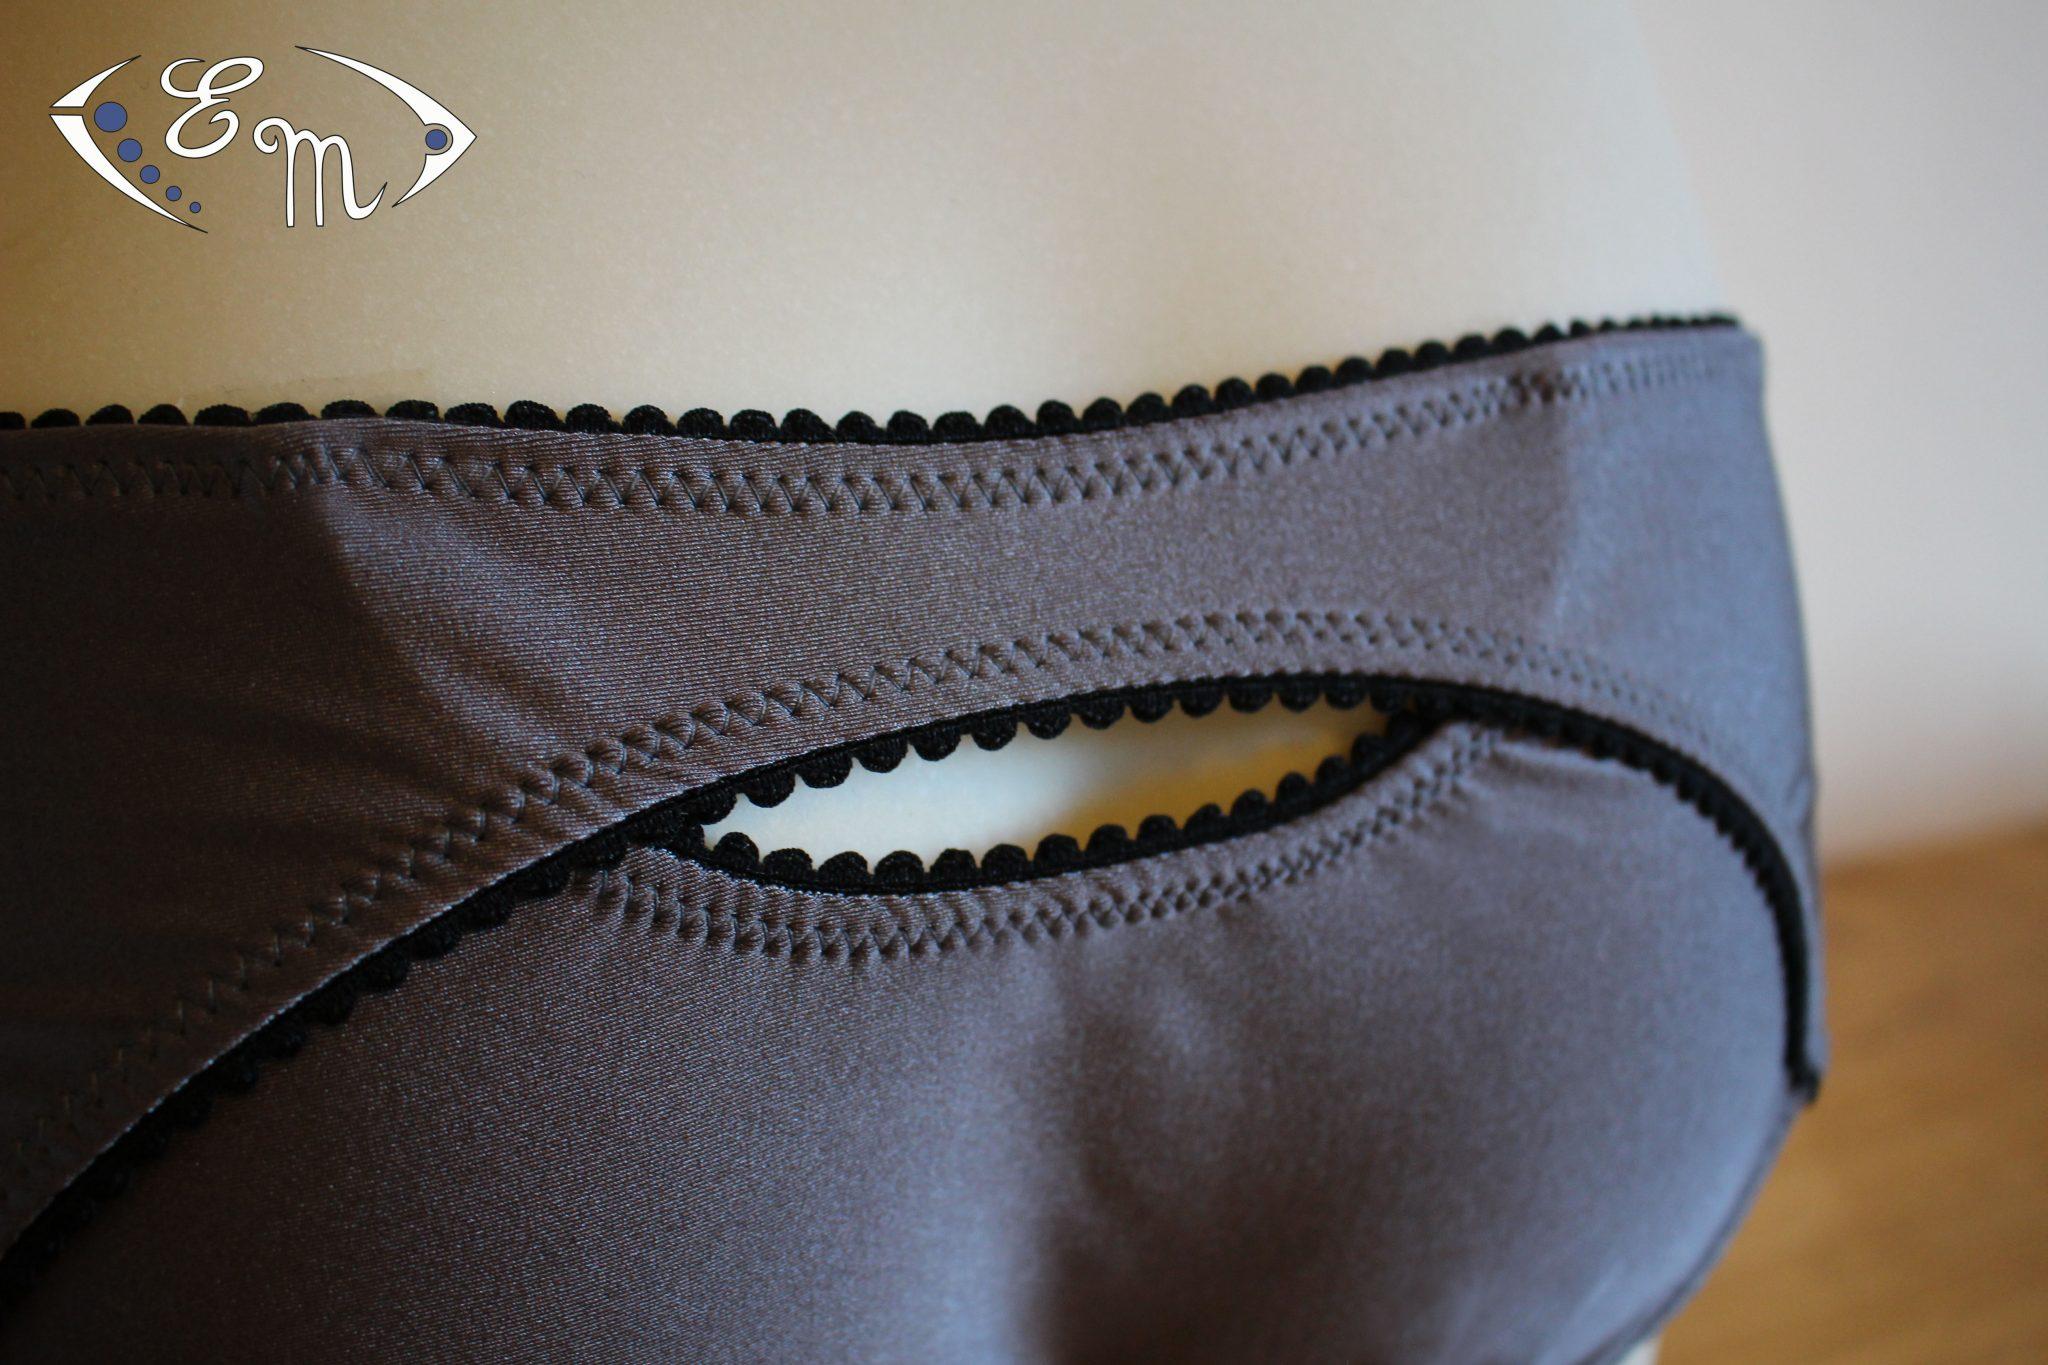 envol, culotte, dessous, lingerie, dentelle, dentelle de calais, résille, couture, patron de lingerie, patron de couture, élastique de lingerie,